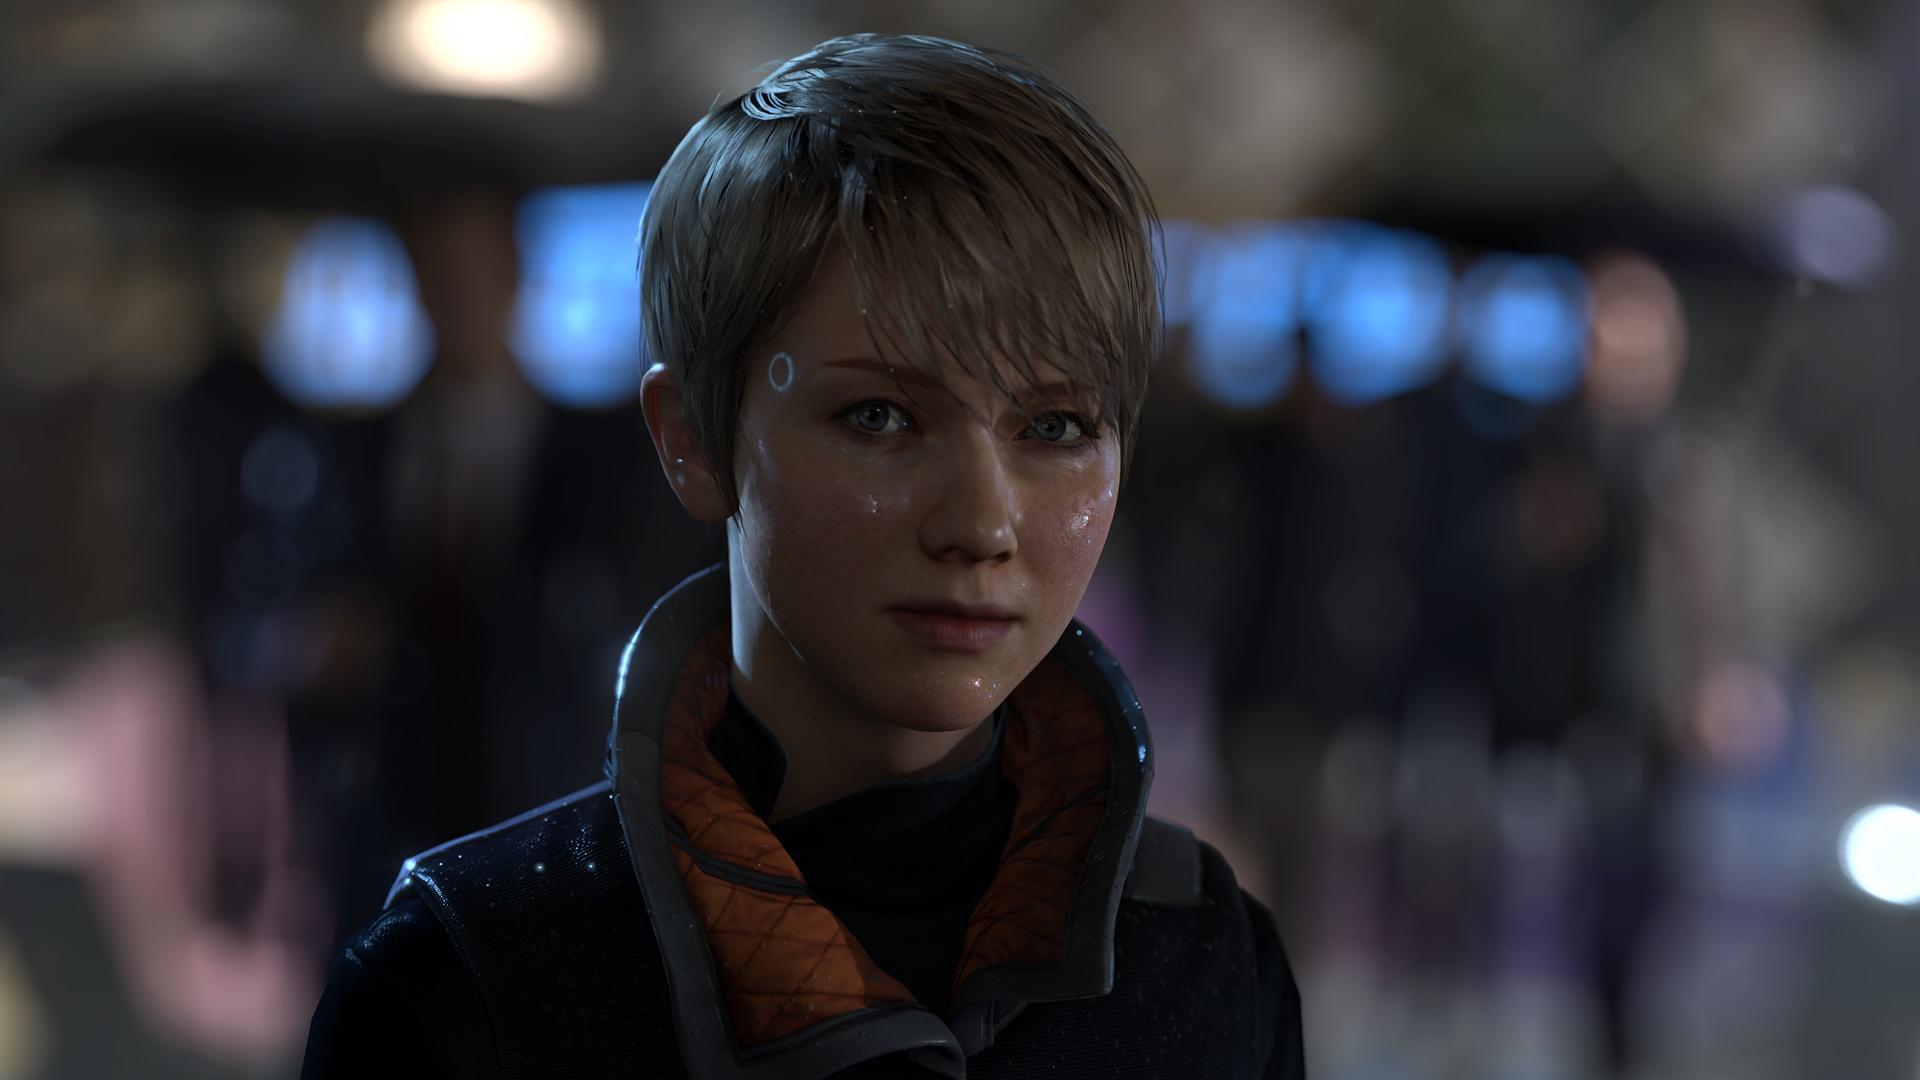 「Paris Games Week」での発表トレーラーに登場したKARA(カーラ)。彼女については、PS3用の短編映像「KARA」のその後の物語が描かれるようだ